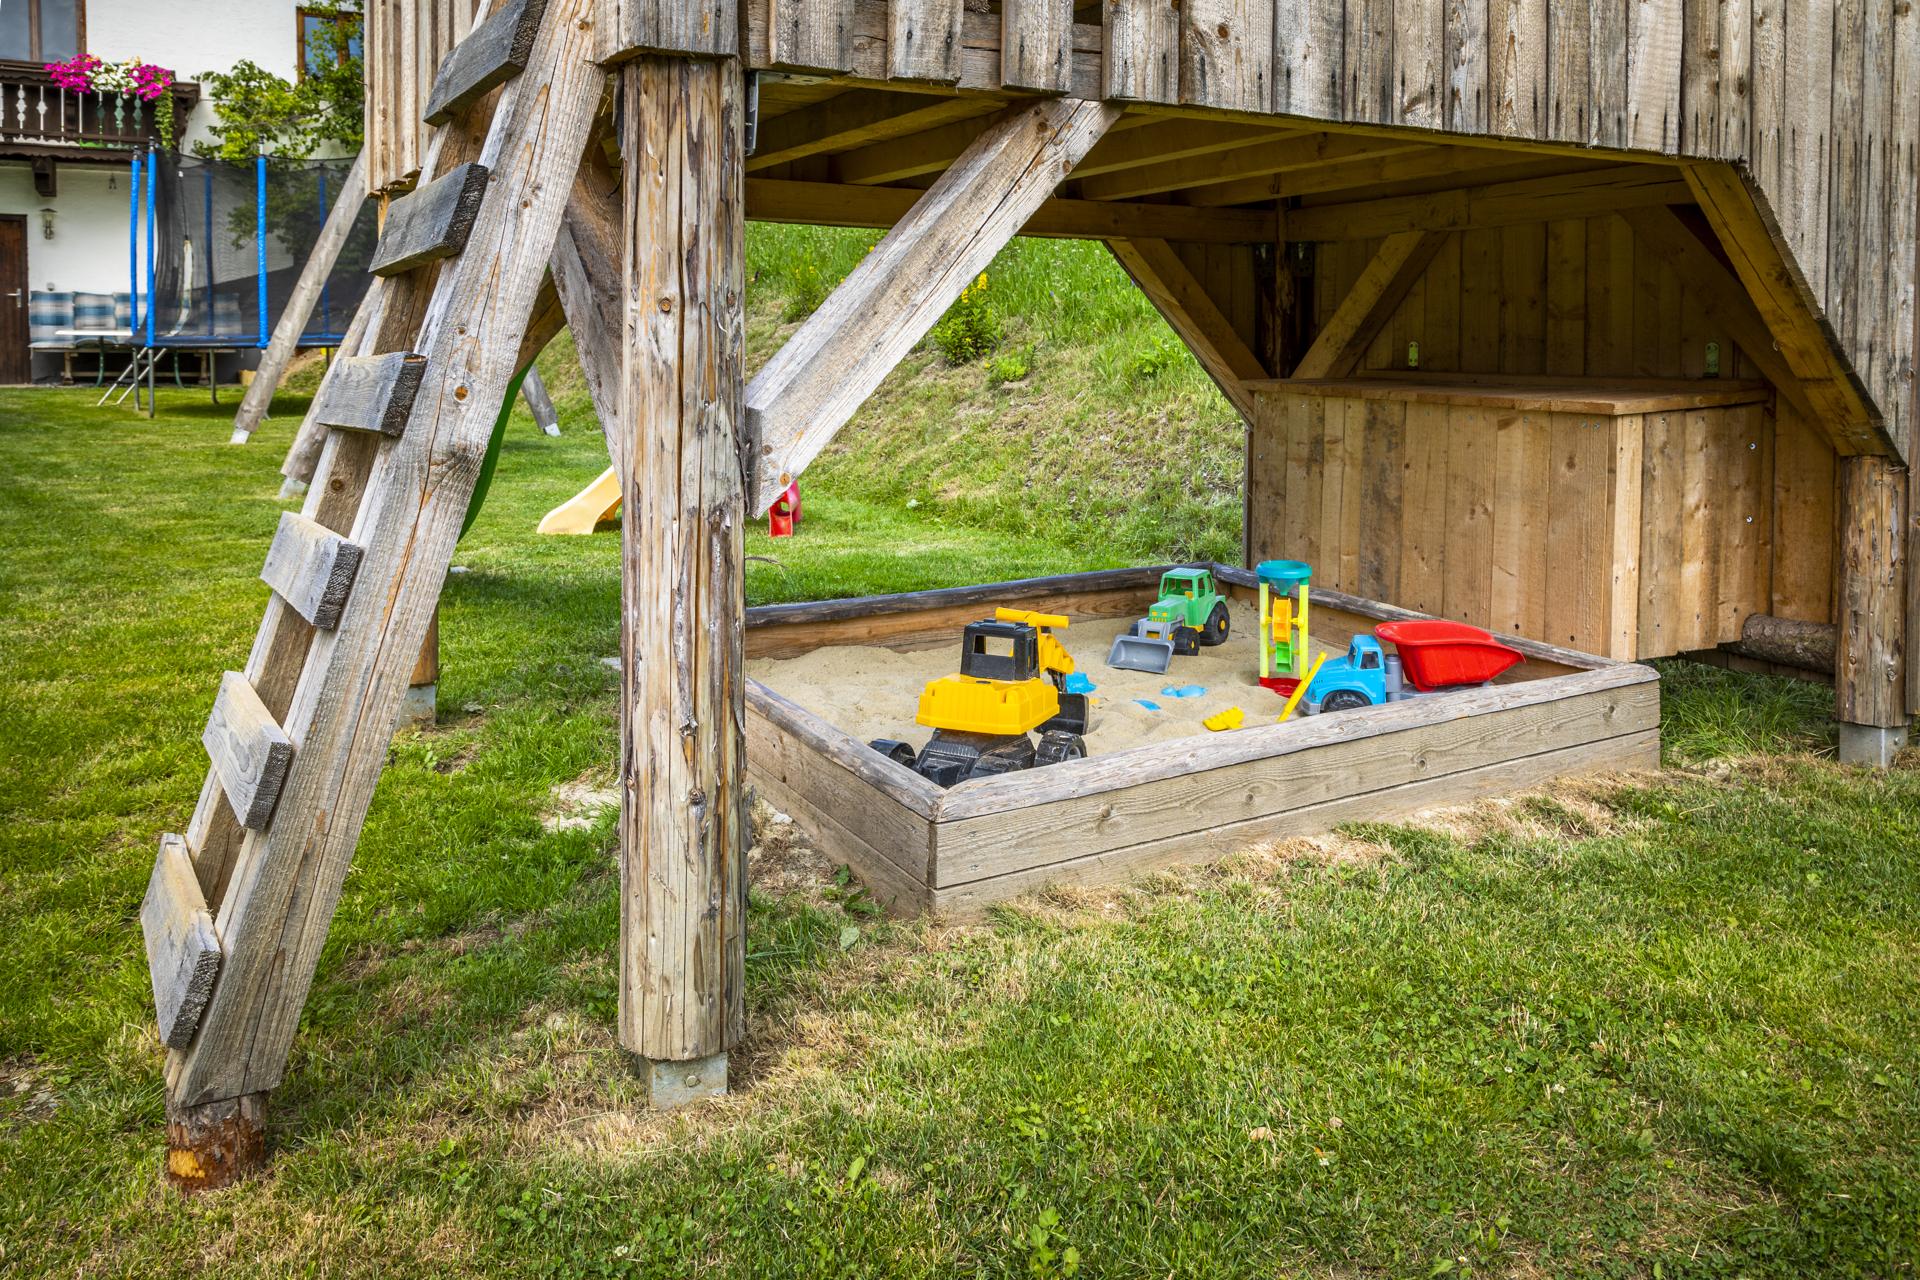 Bauernhof Griesbauer Spielplatz Sandkiste